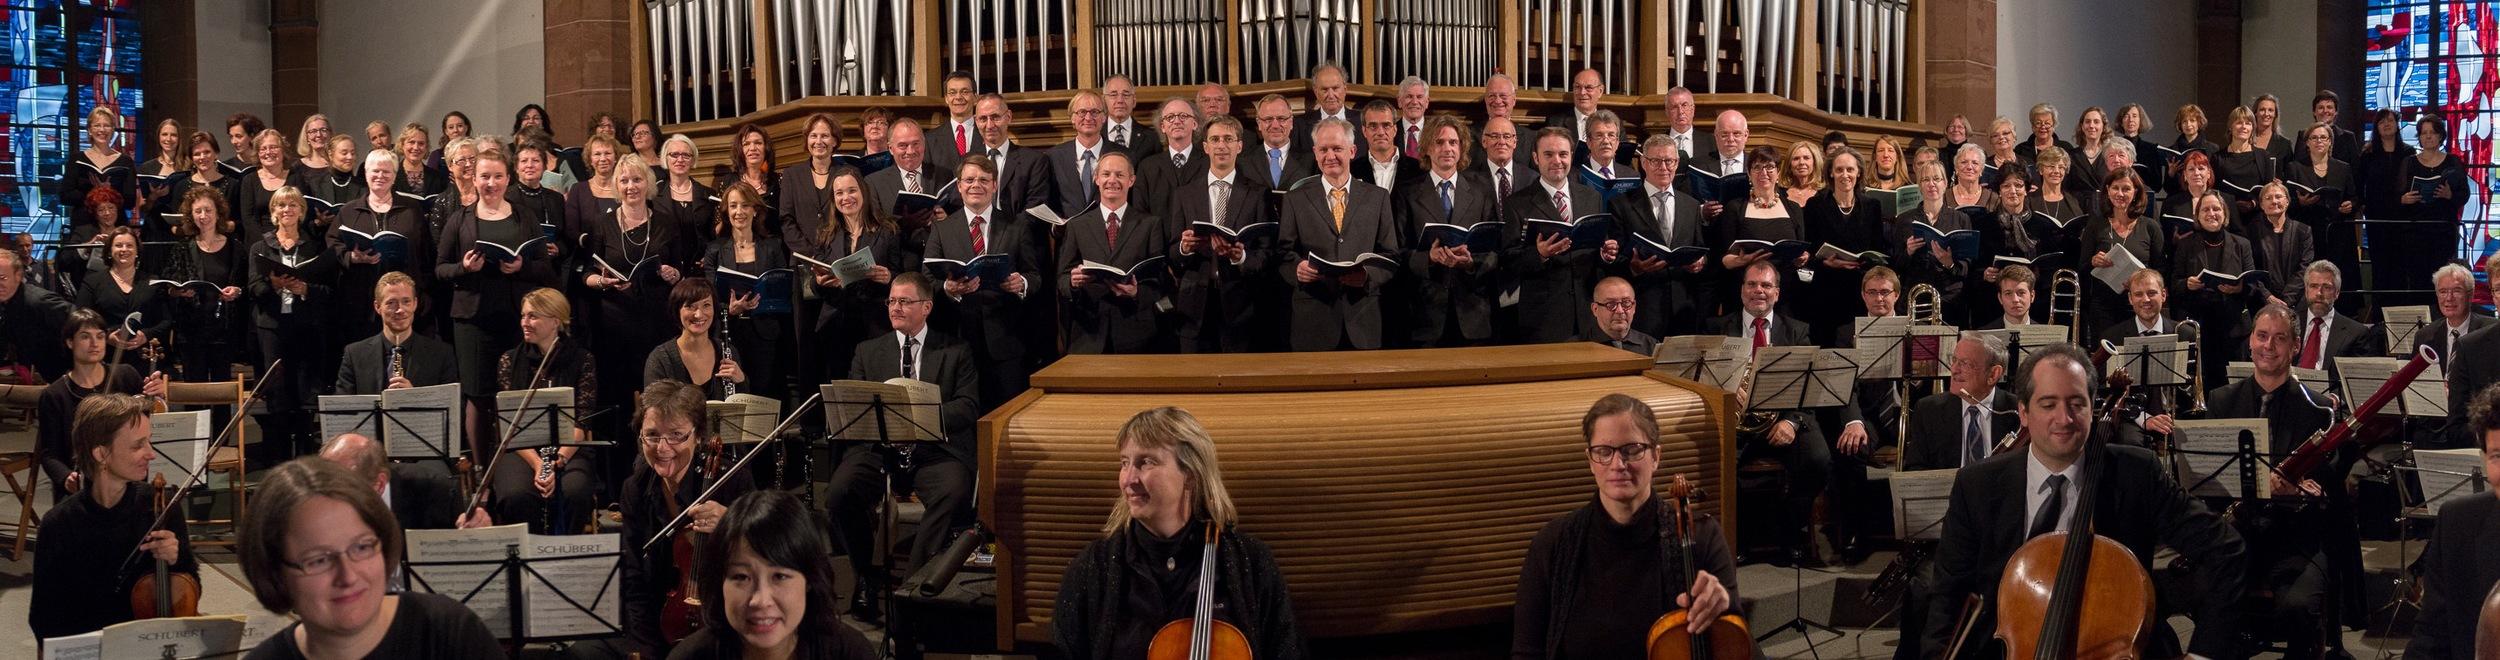 Der Chor von St. Bonifatius beim Konzert auf der Orgelempore am 3.10.2013. Foto: Benjamin Dahlhoff